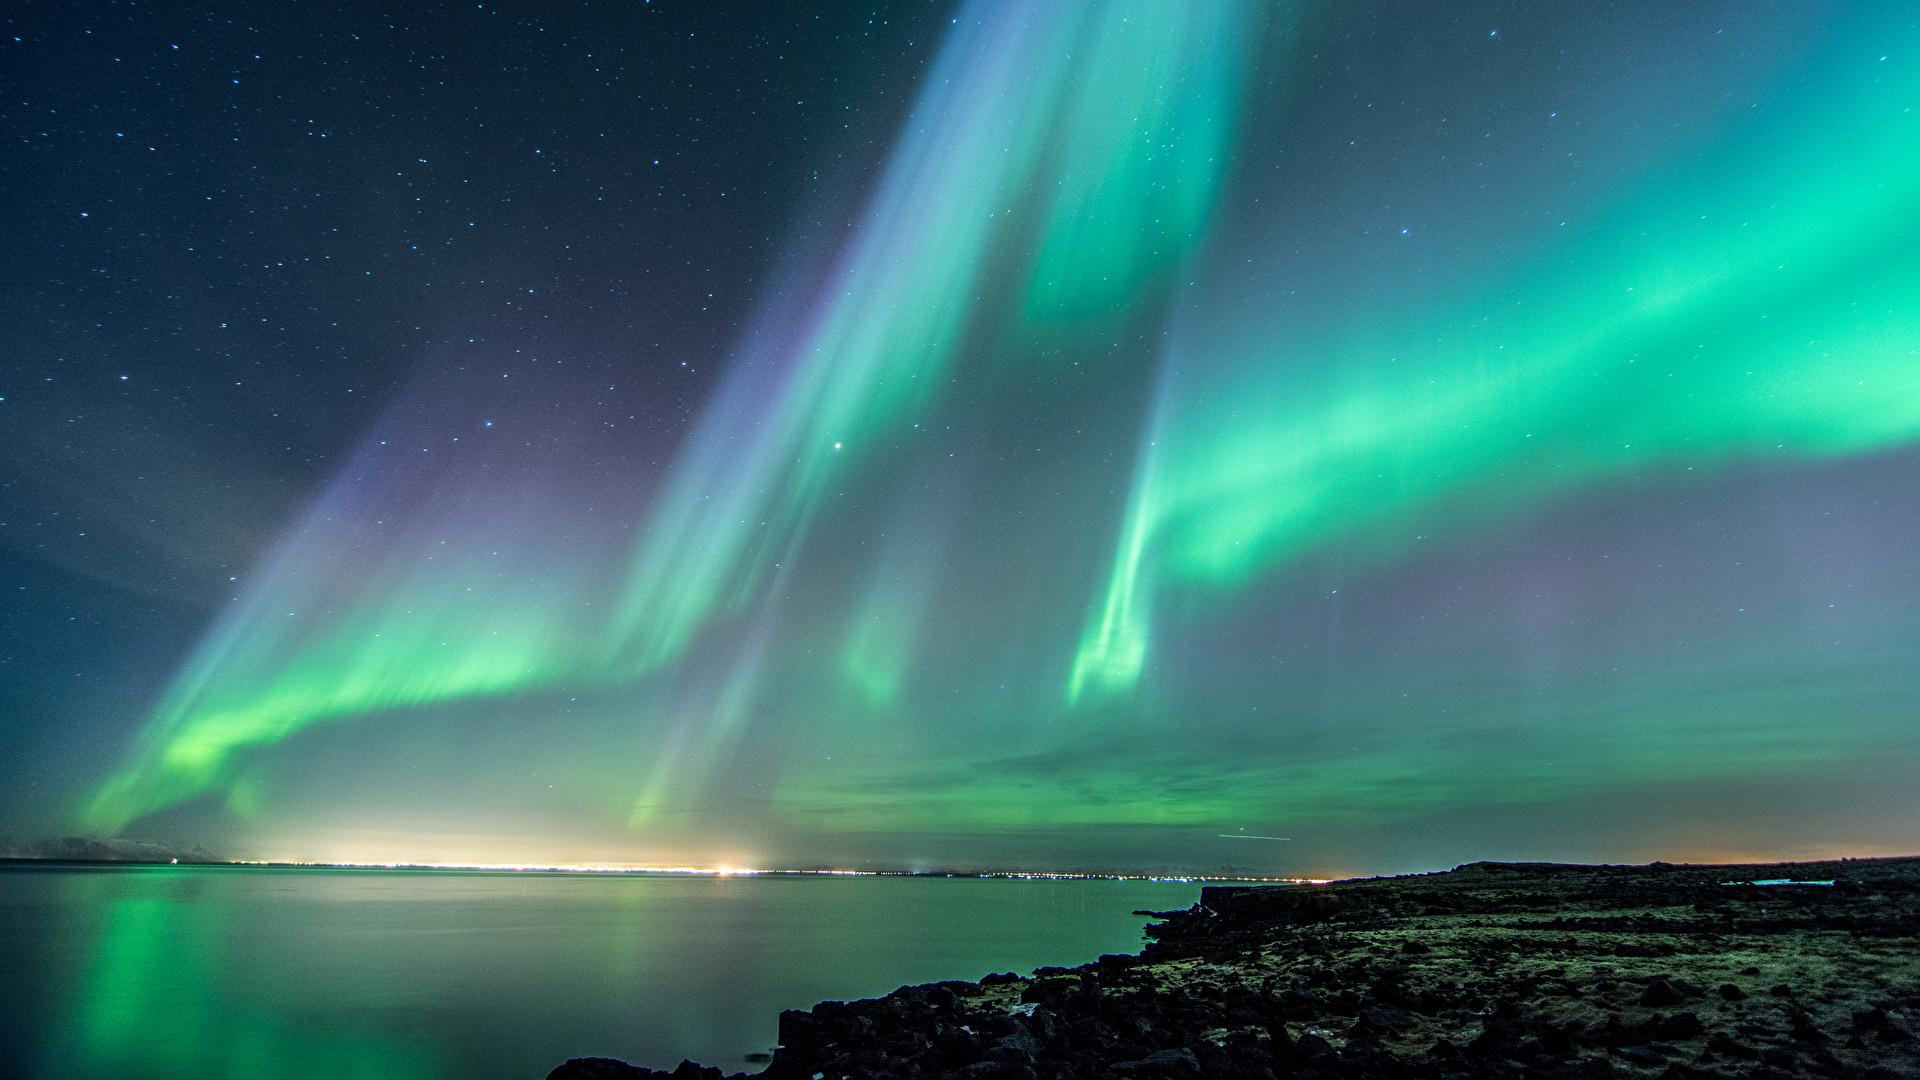 壁紙 19x1080 アイスランド 空 海岸 オーロラ 夜 自然 ダウンロード 写真